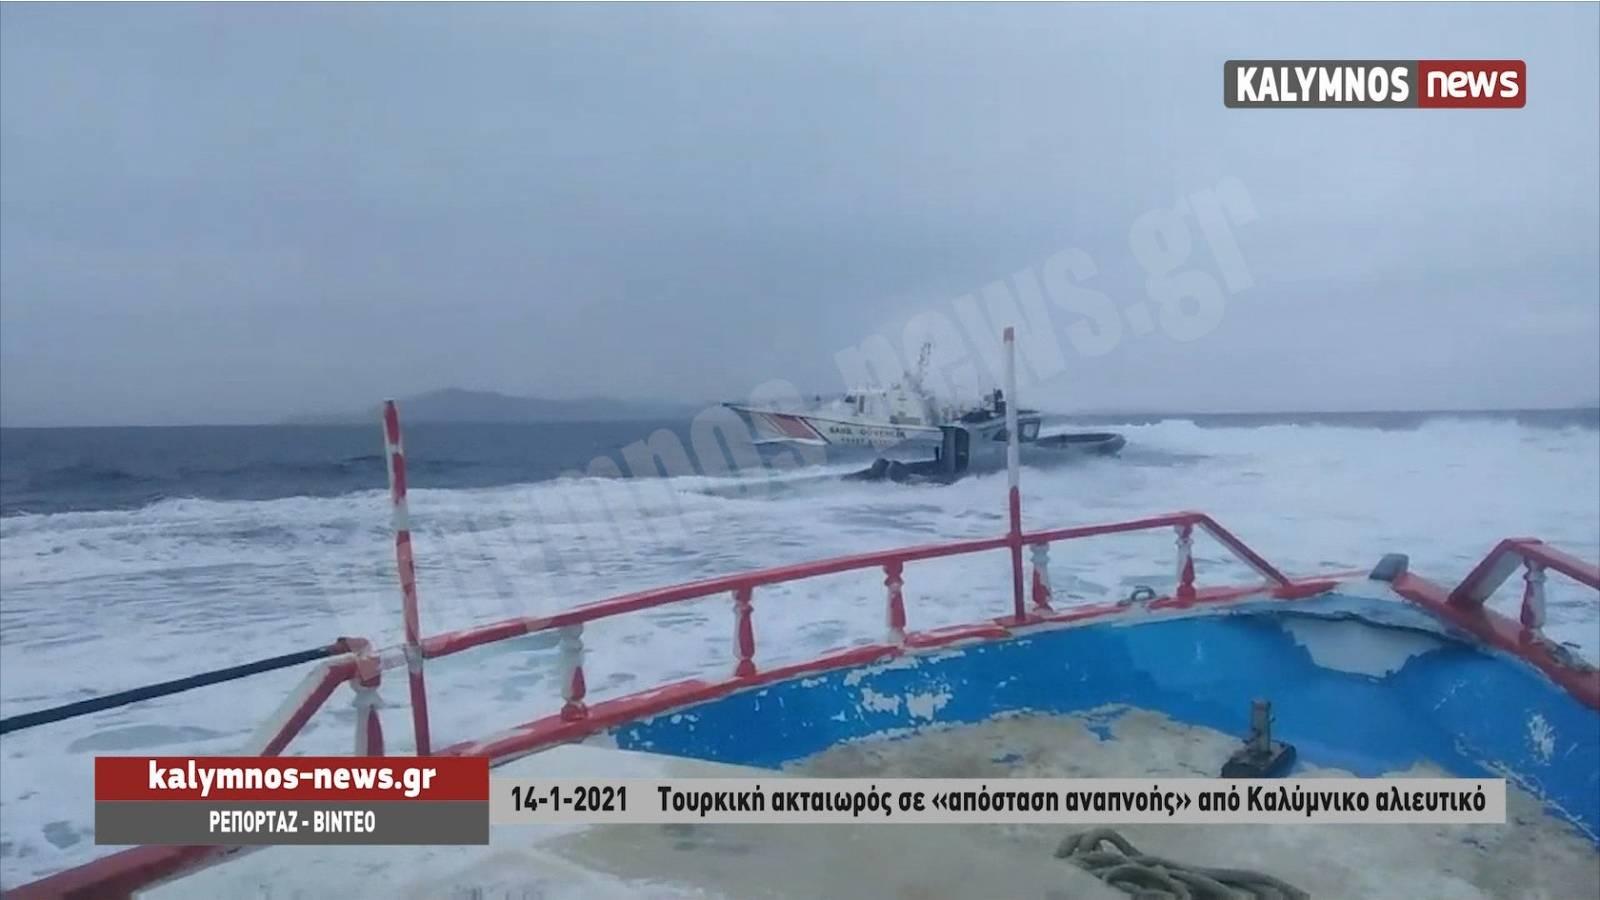 Νέα πρόκληση στα Ίμια: Τουρκική ακταιωρός παρενοχλεί ελληνικό αλιευτικό[video]